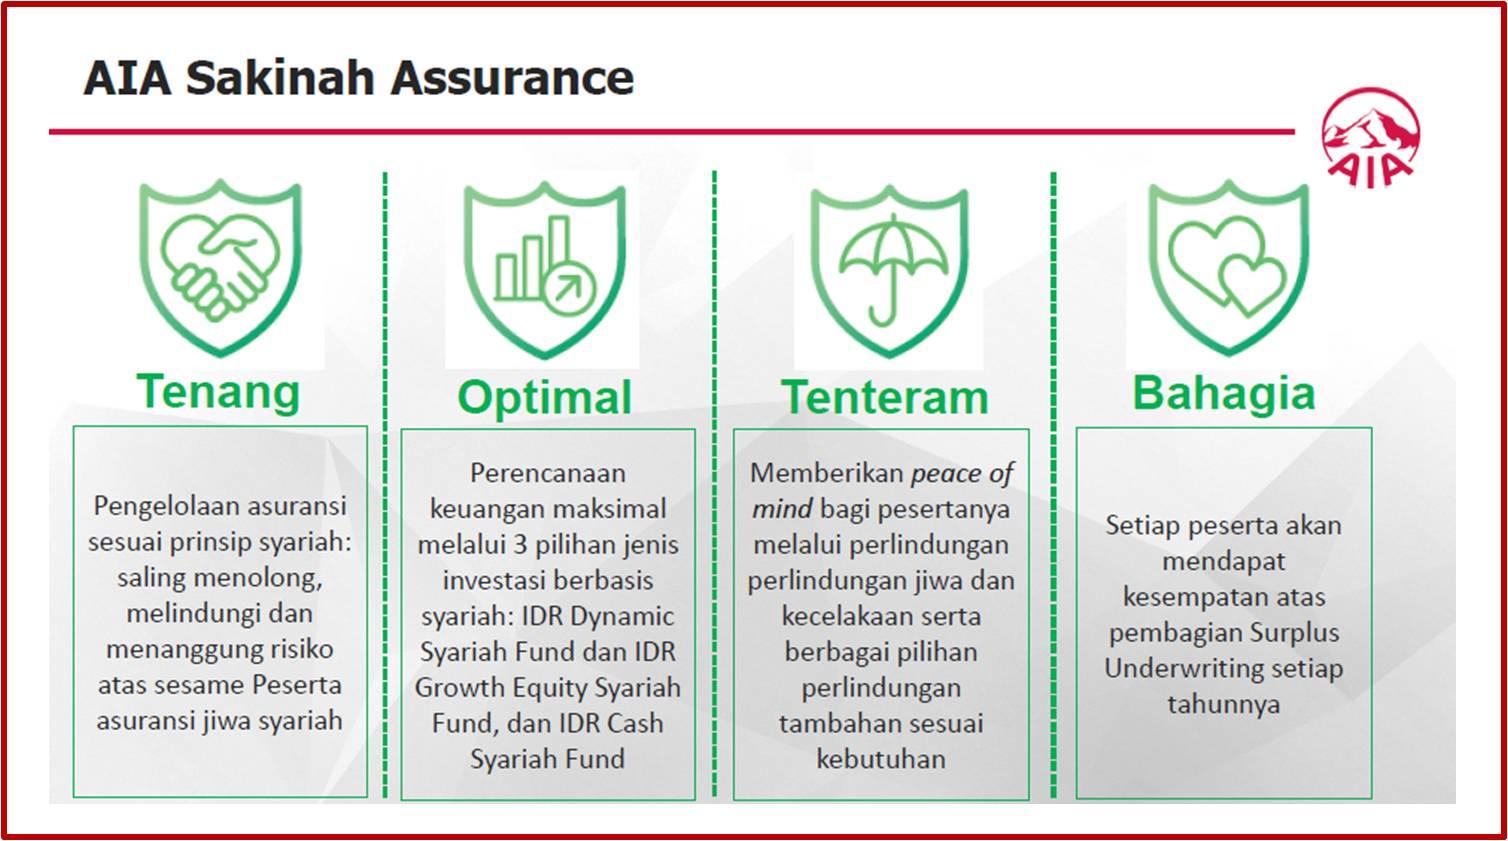 Keutamaan Asuransi AIA Sakinah